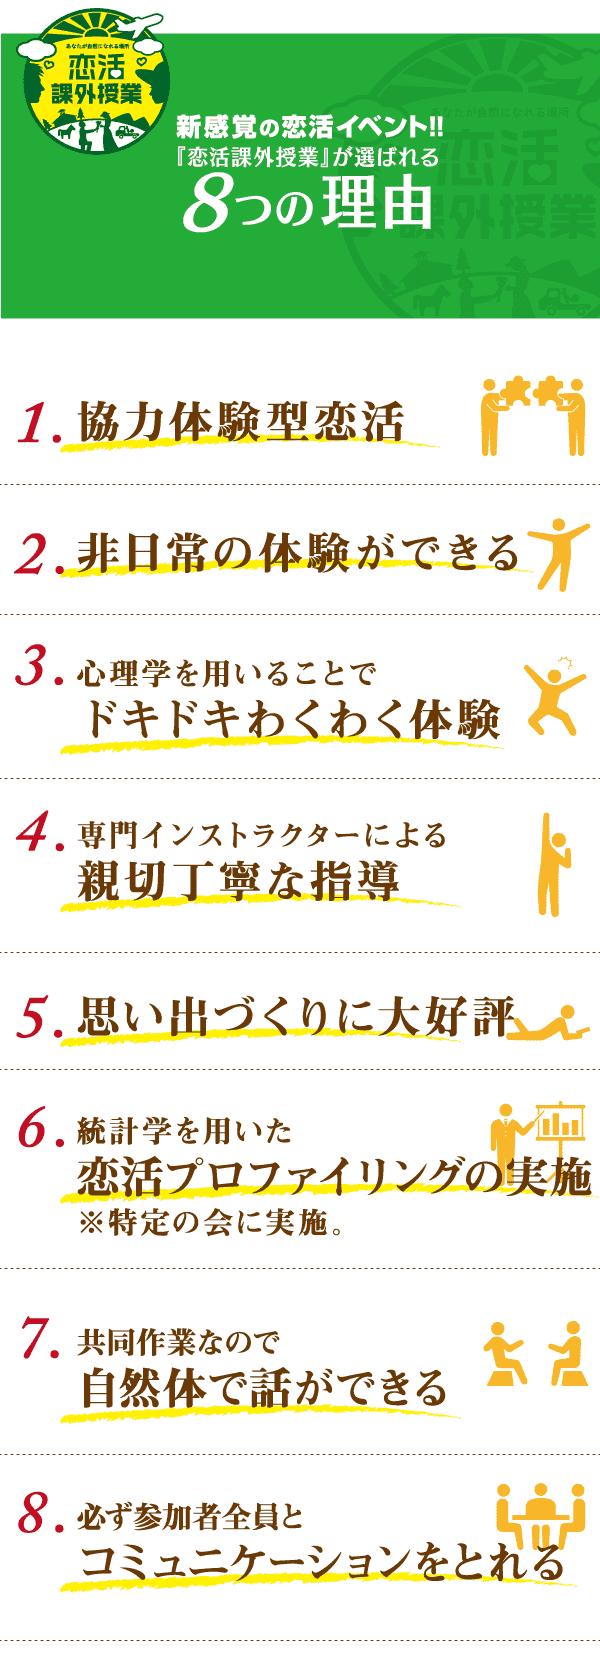 5.選ばれる8つの理由